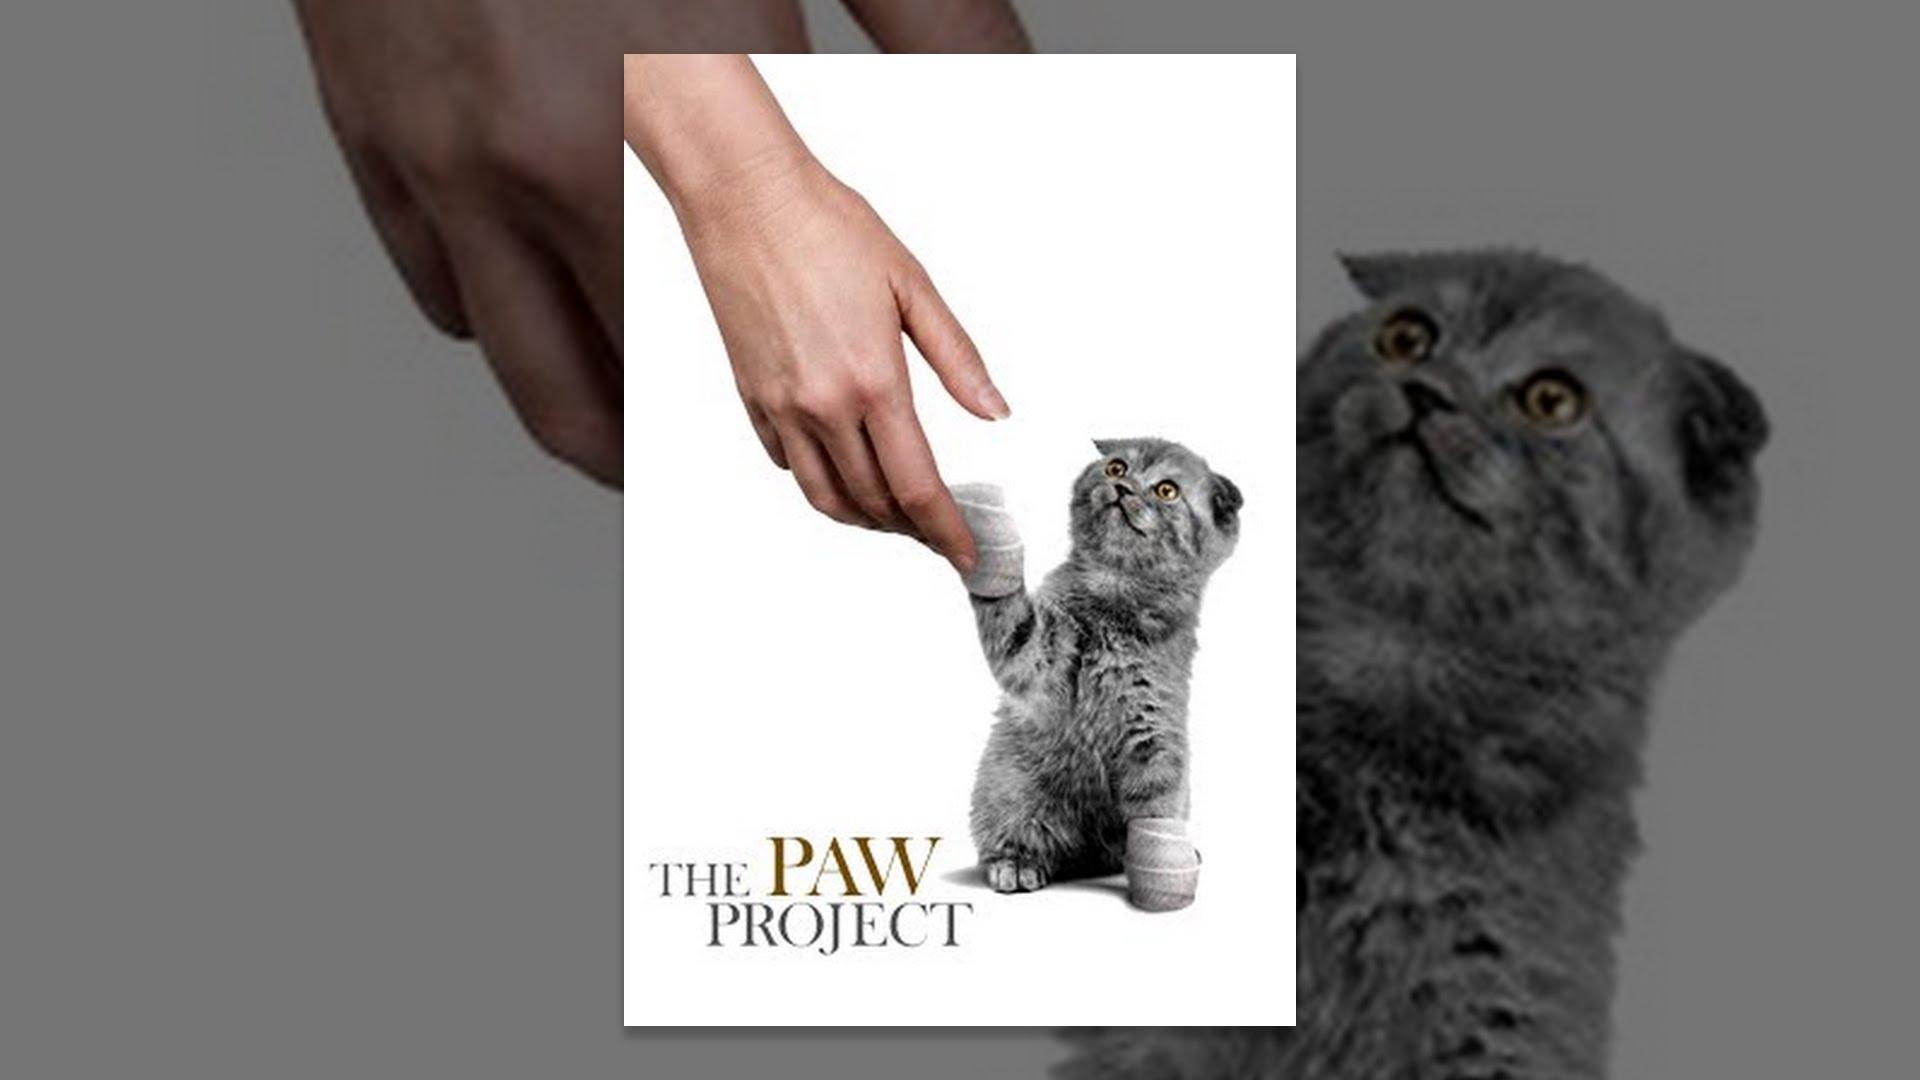 Cat & Pet Resources - Furry Friends